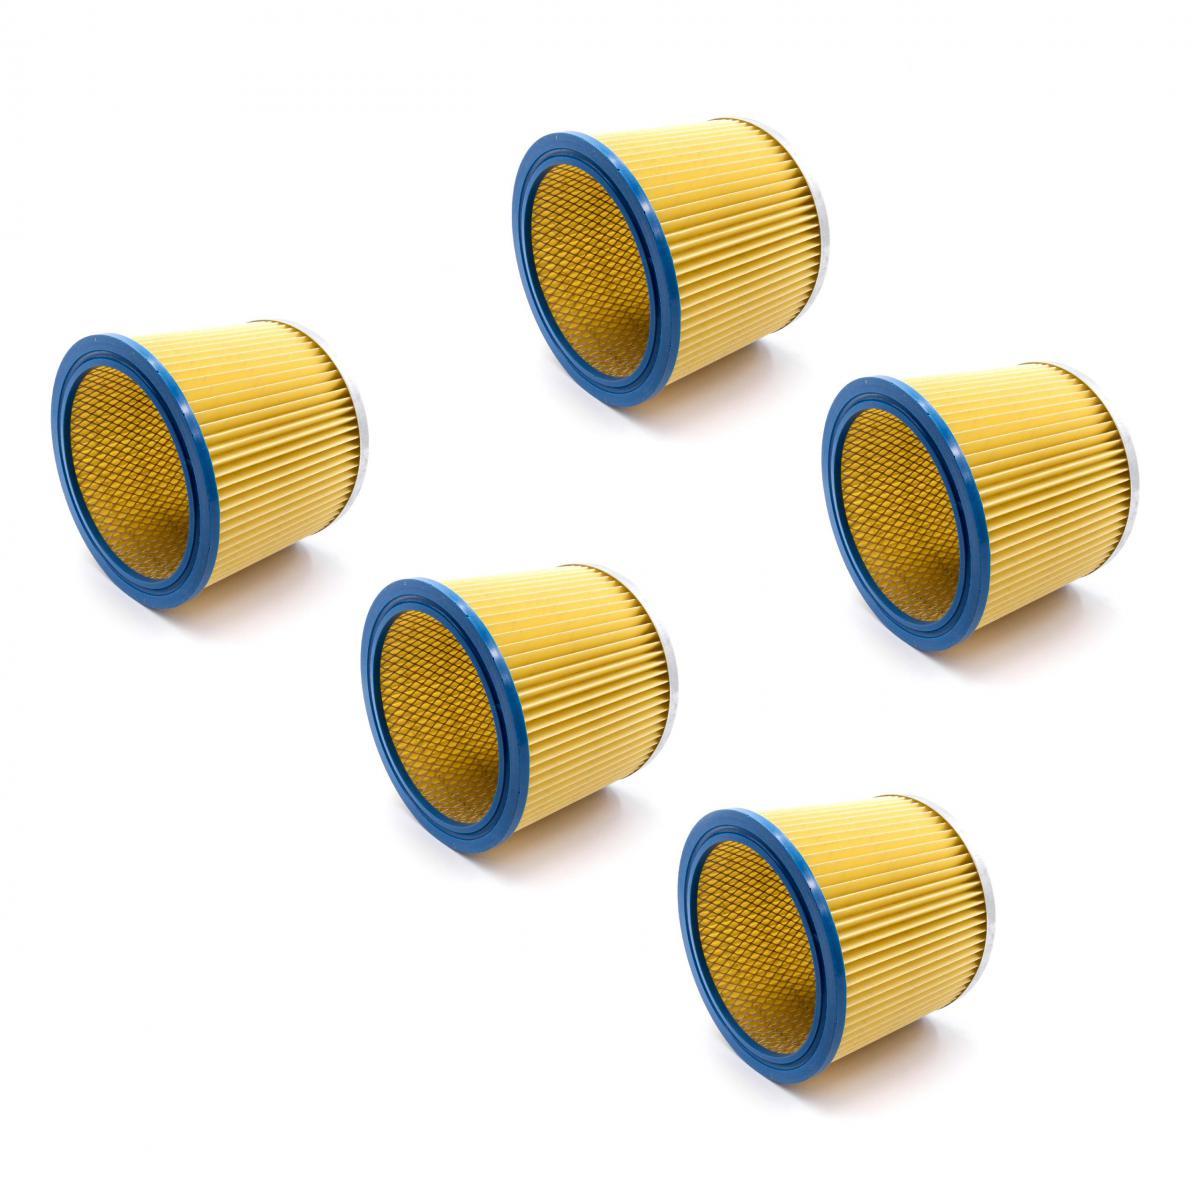 Vhbw vhbw 5x Filtre rond / filtre en lamelles pour aspirateur Aqua Vac AZ 9171175, 91171175, AZ 91951-10